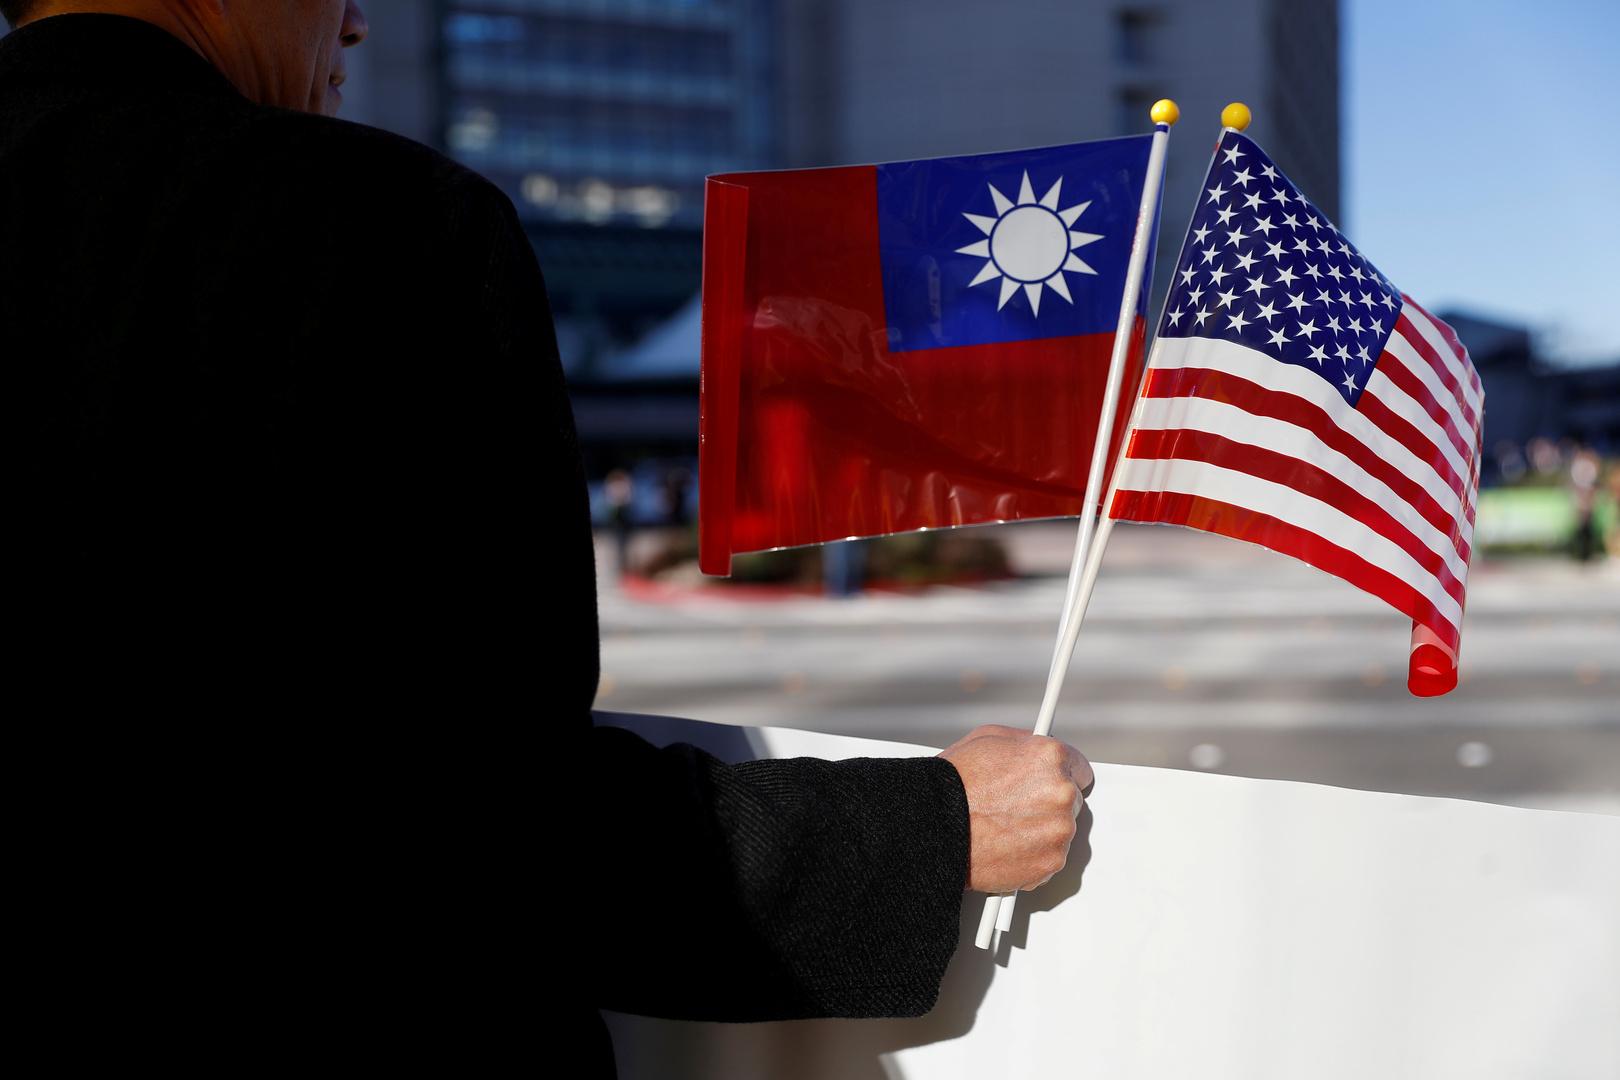 زيارة ستثير غضب الصين.. أعضاء من الكونغرس الأمريكي يتوجهون إلى تايوان